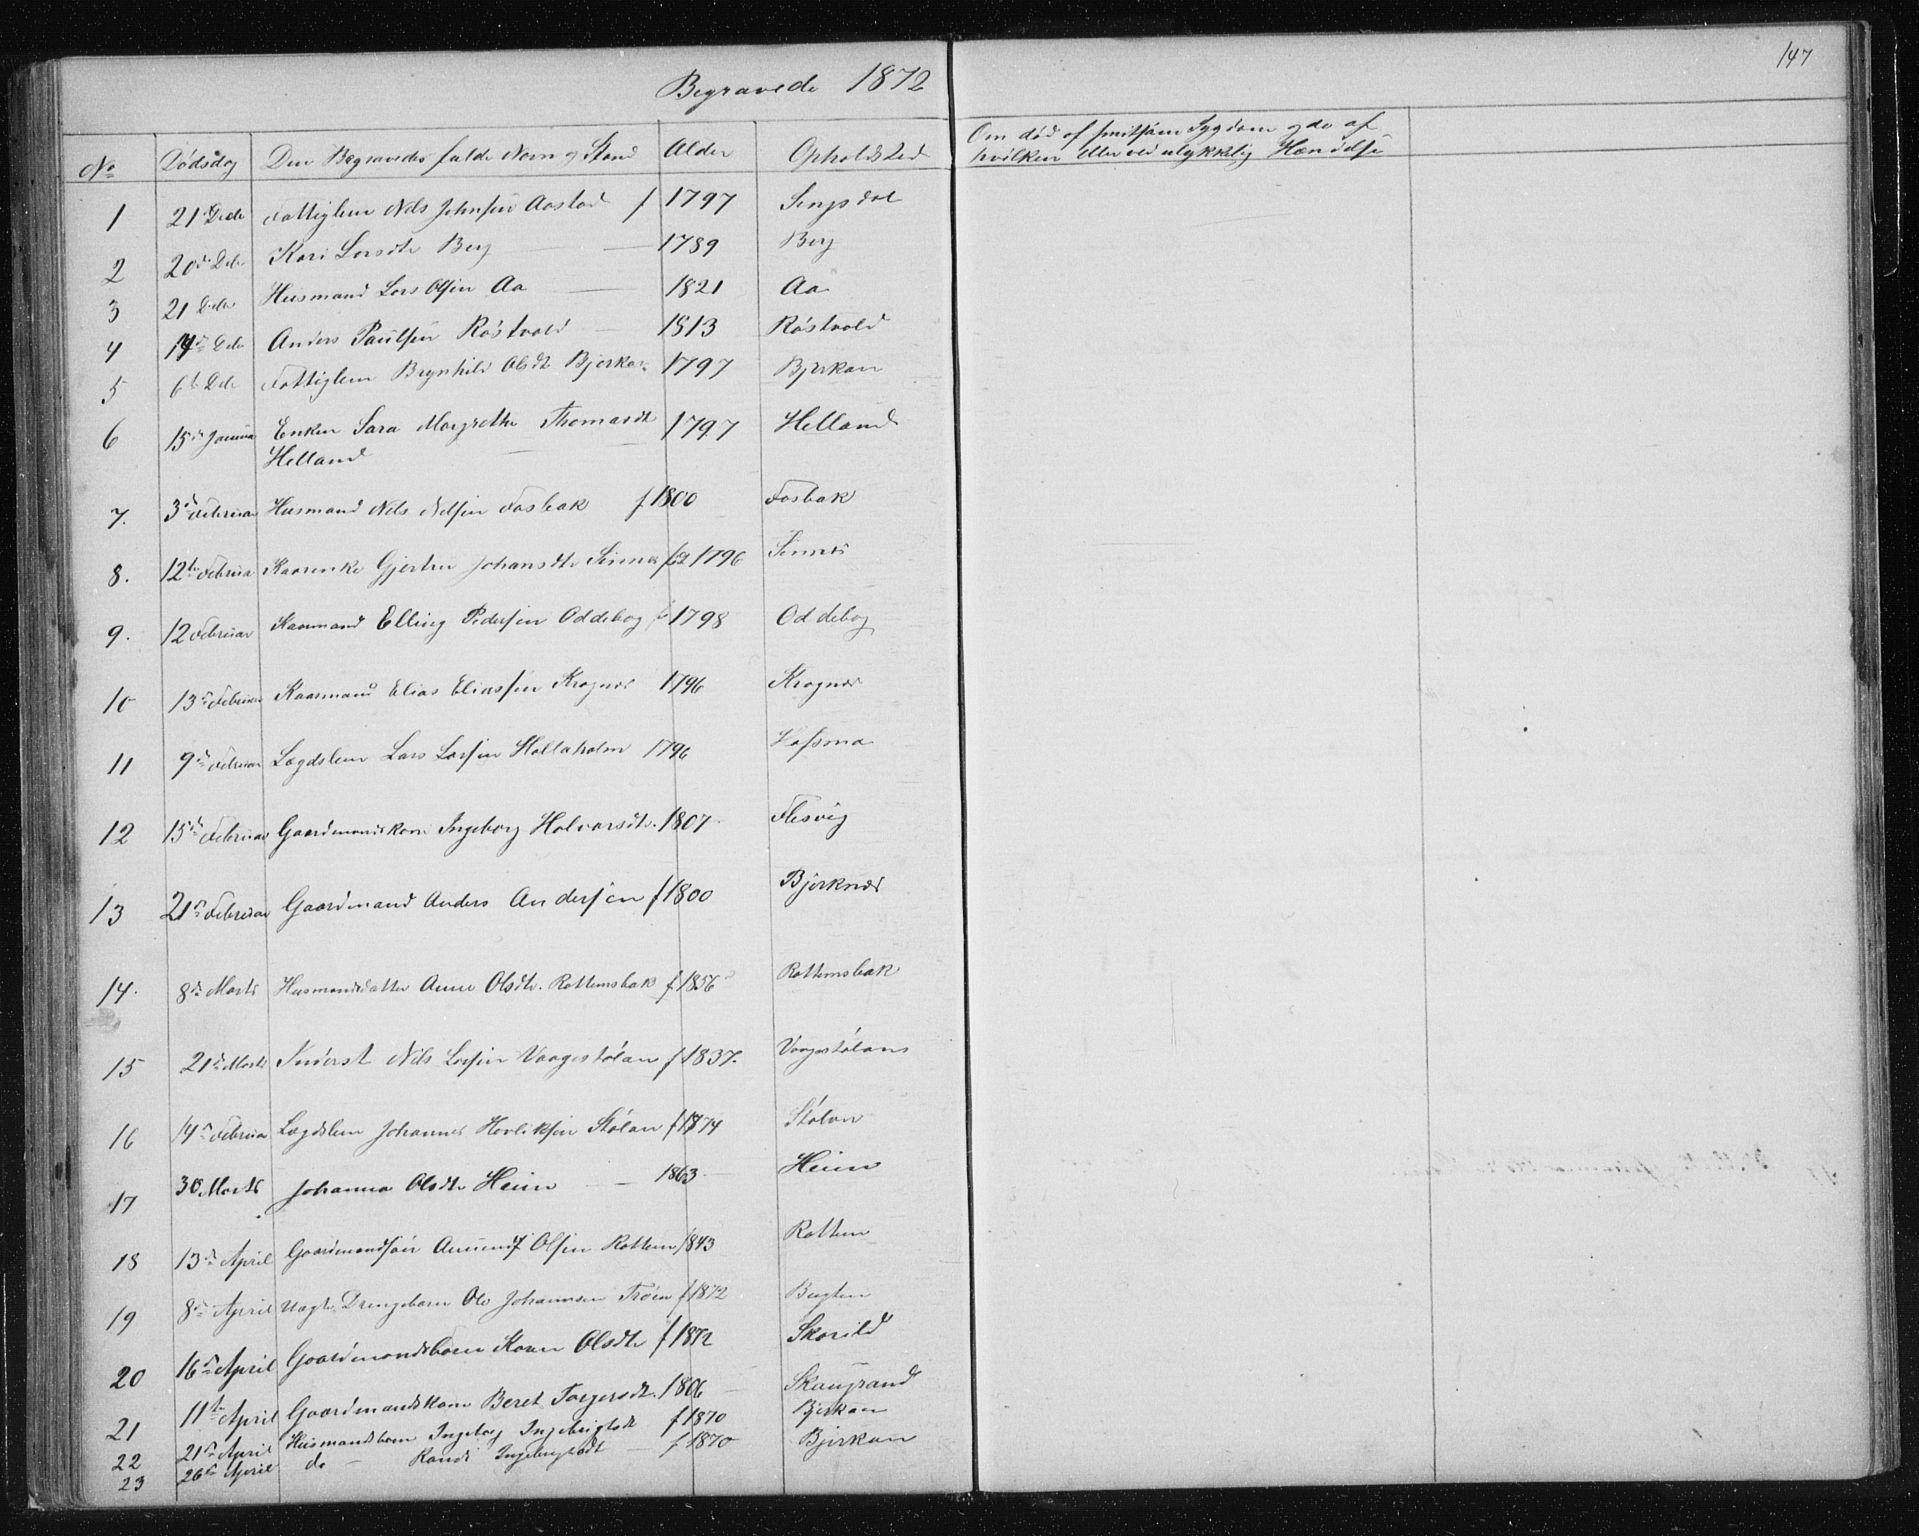 SAT, Ministerialprotokoller, klokkerbøker og fødselsregistre - Sør-Trøndelag, 630/L0503: Klokkerbok nr. 630C01, 1869-1878, s. 147